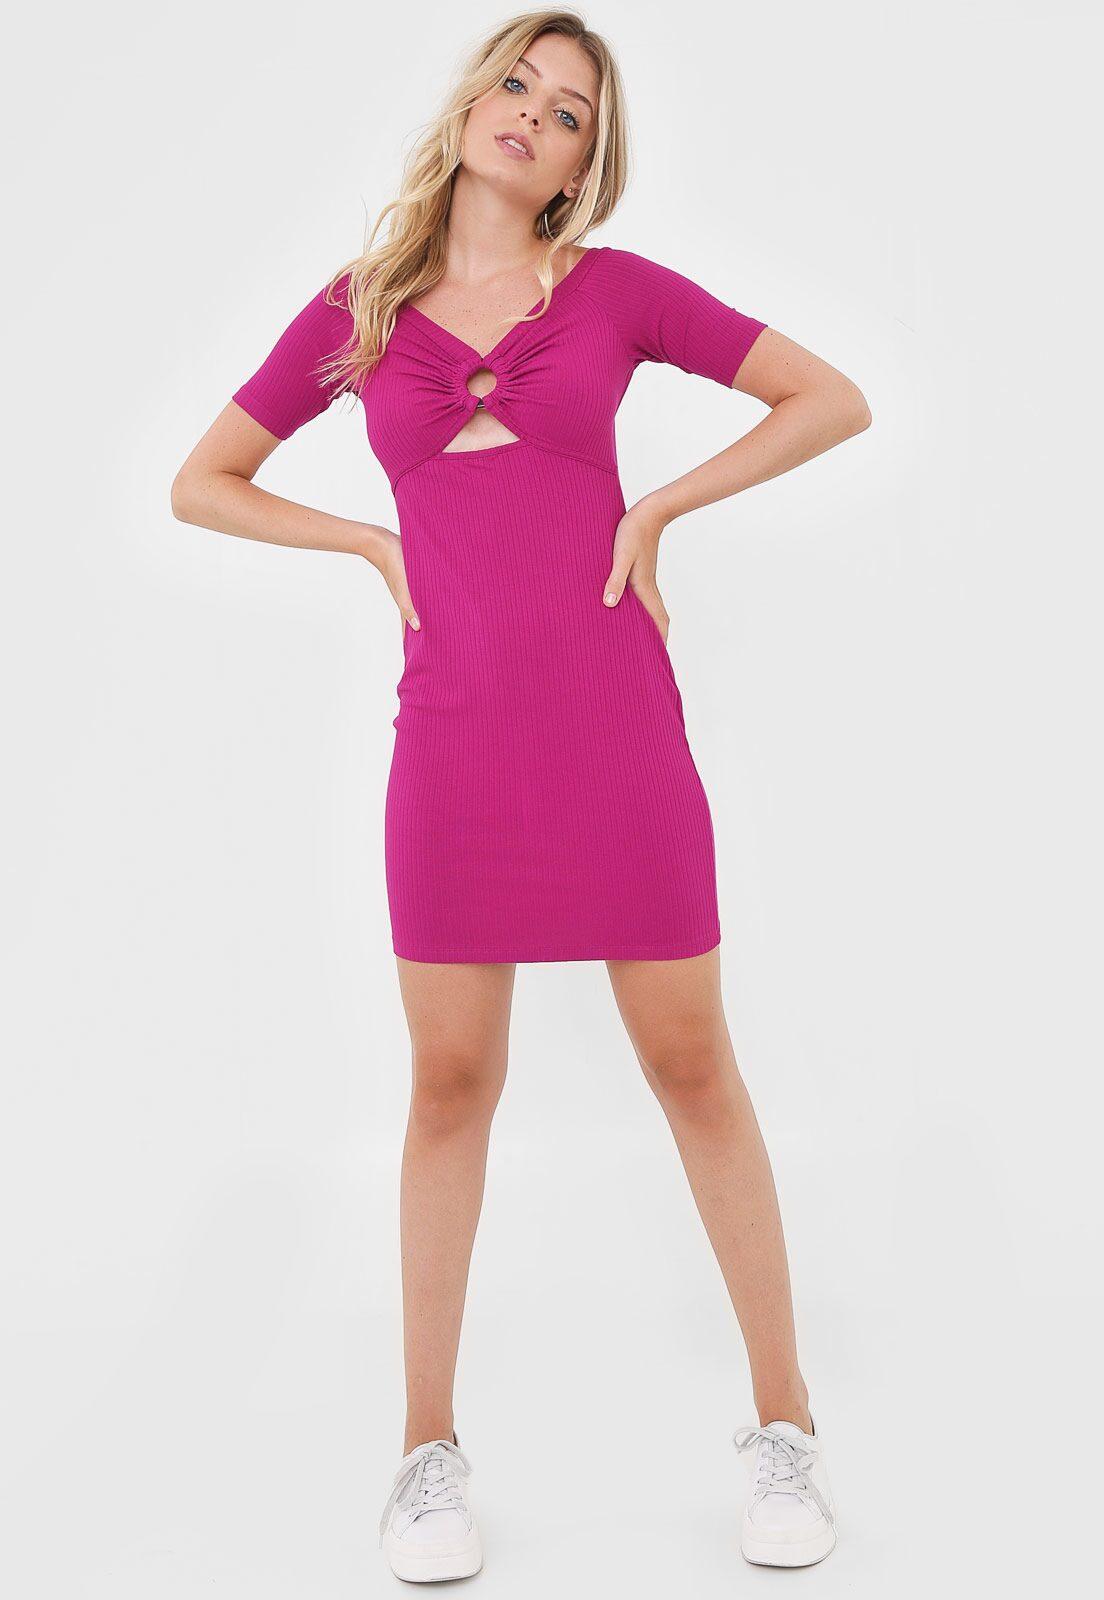 1612584553 95 echa un vistazo a las opciones para comprar y 30 - 40 modelos de vestidos rosas para un look que no pasa desapercibido